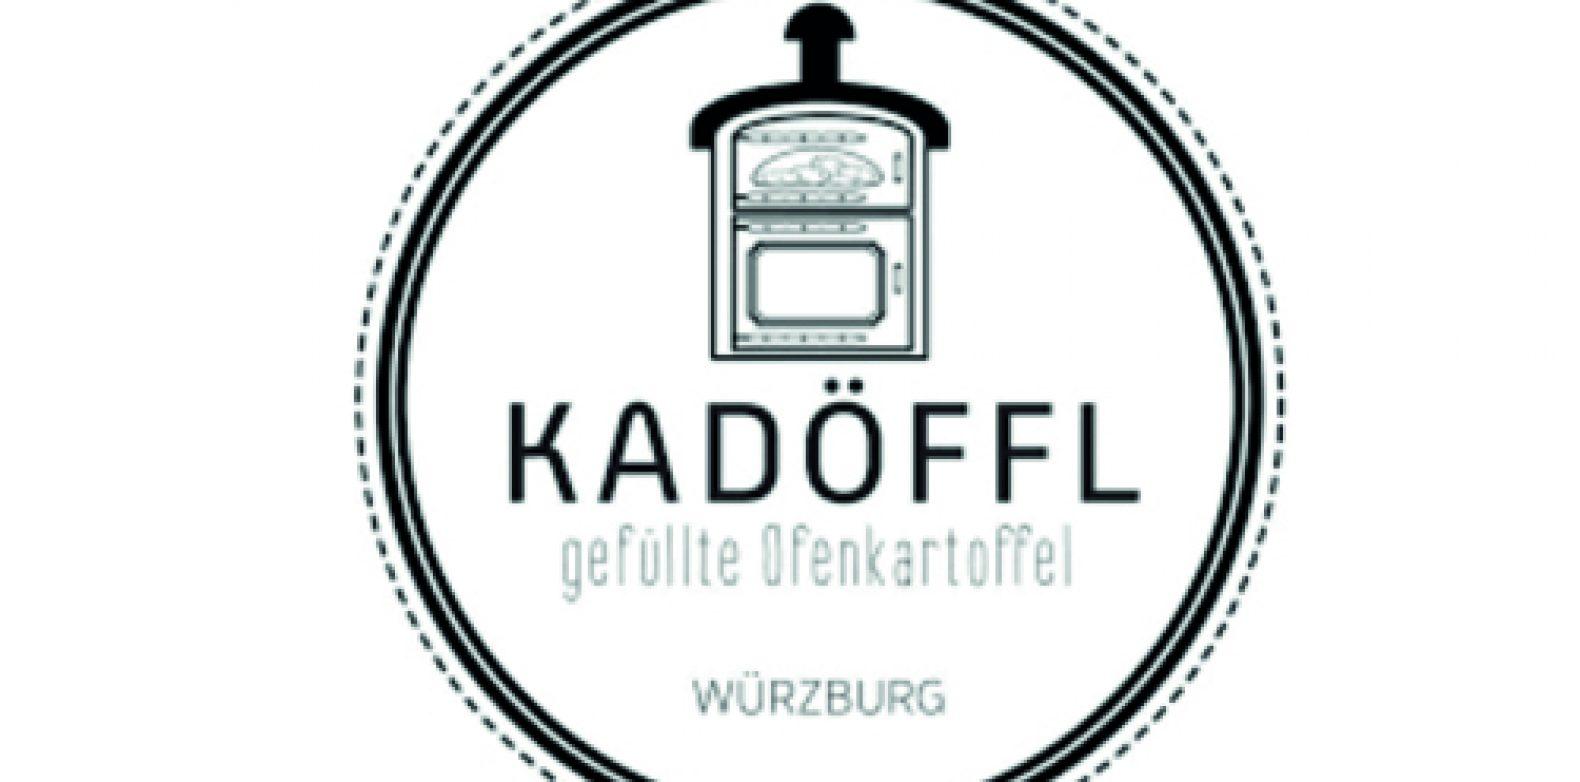 KADÖFFL